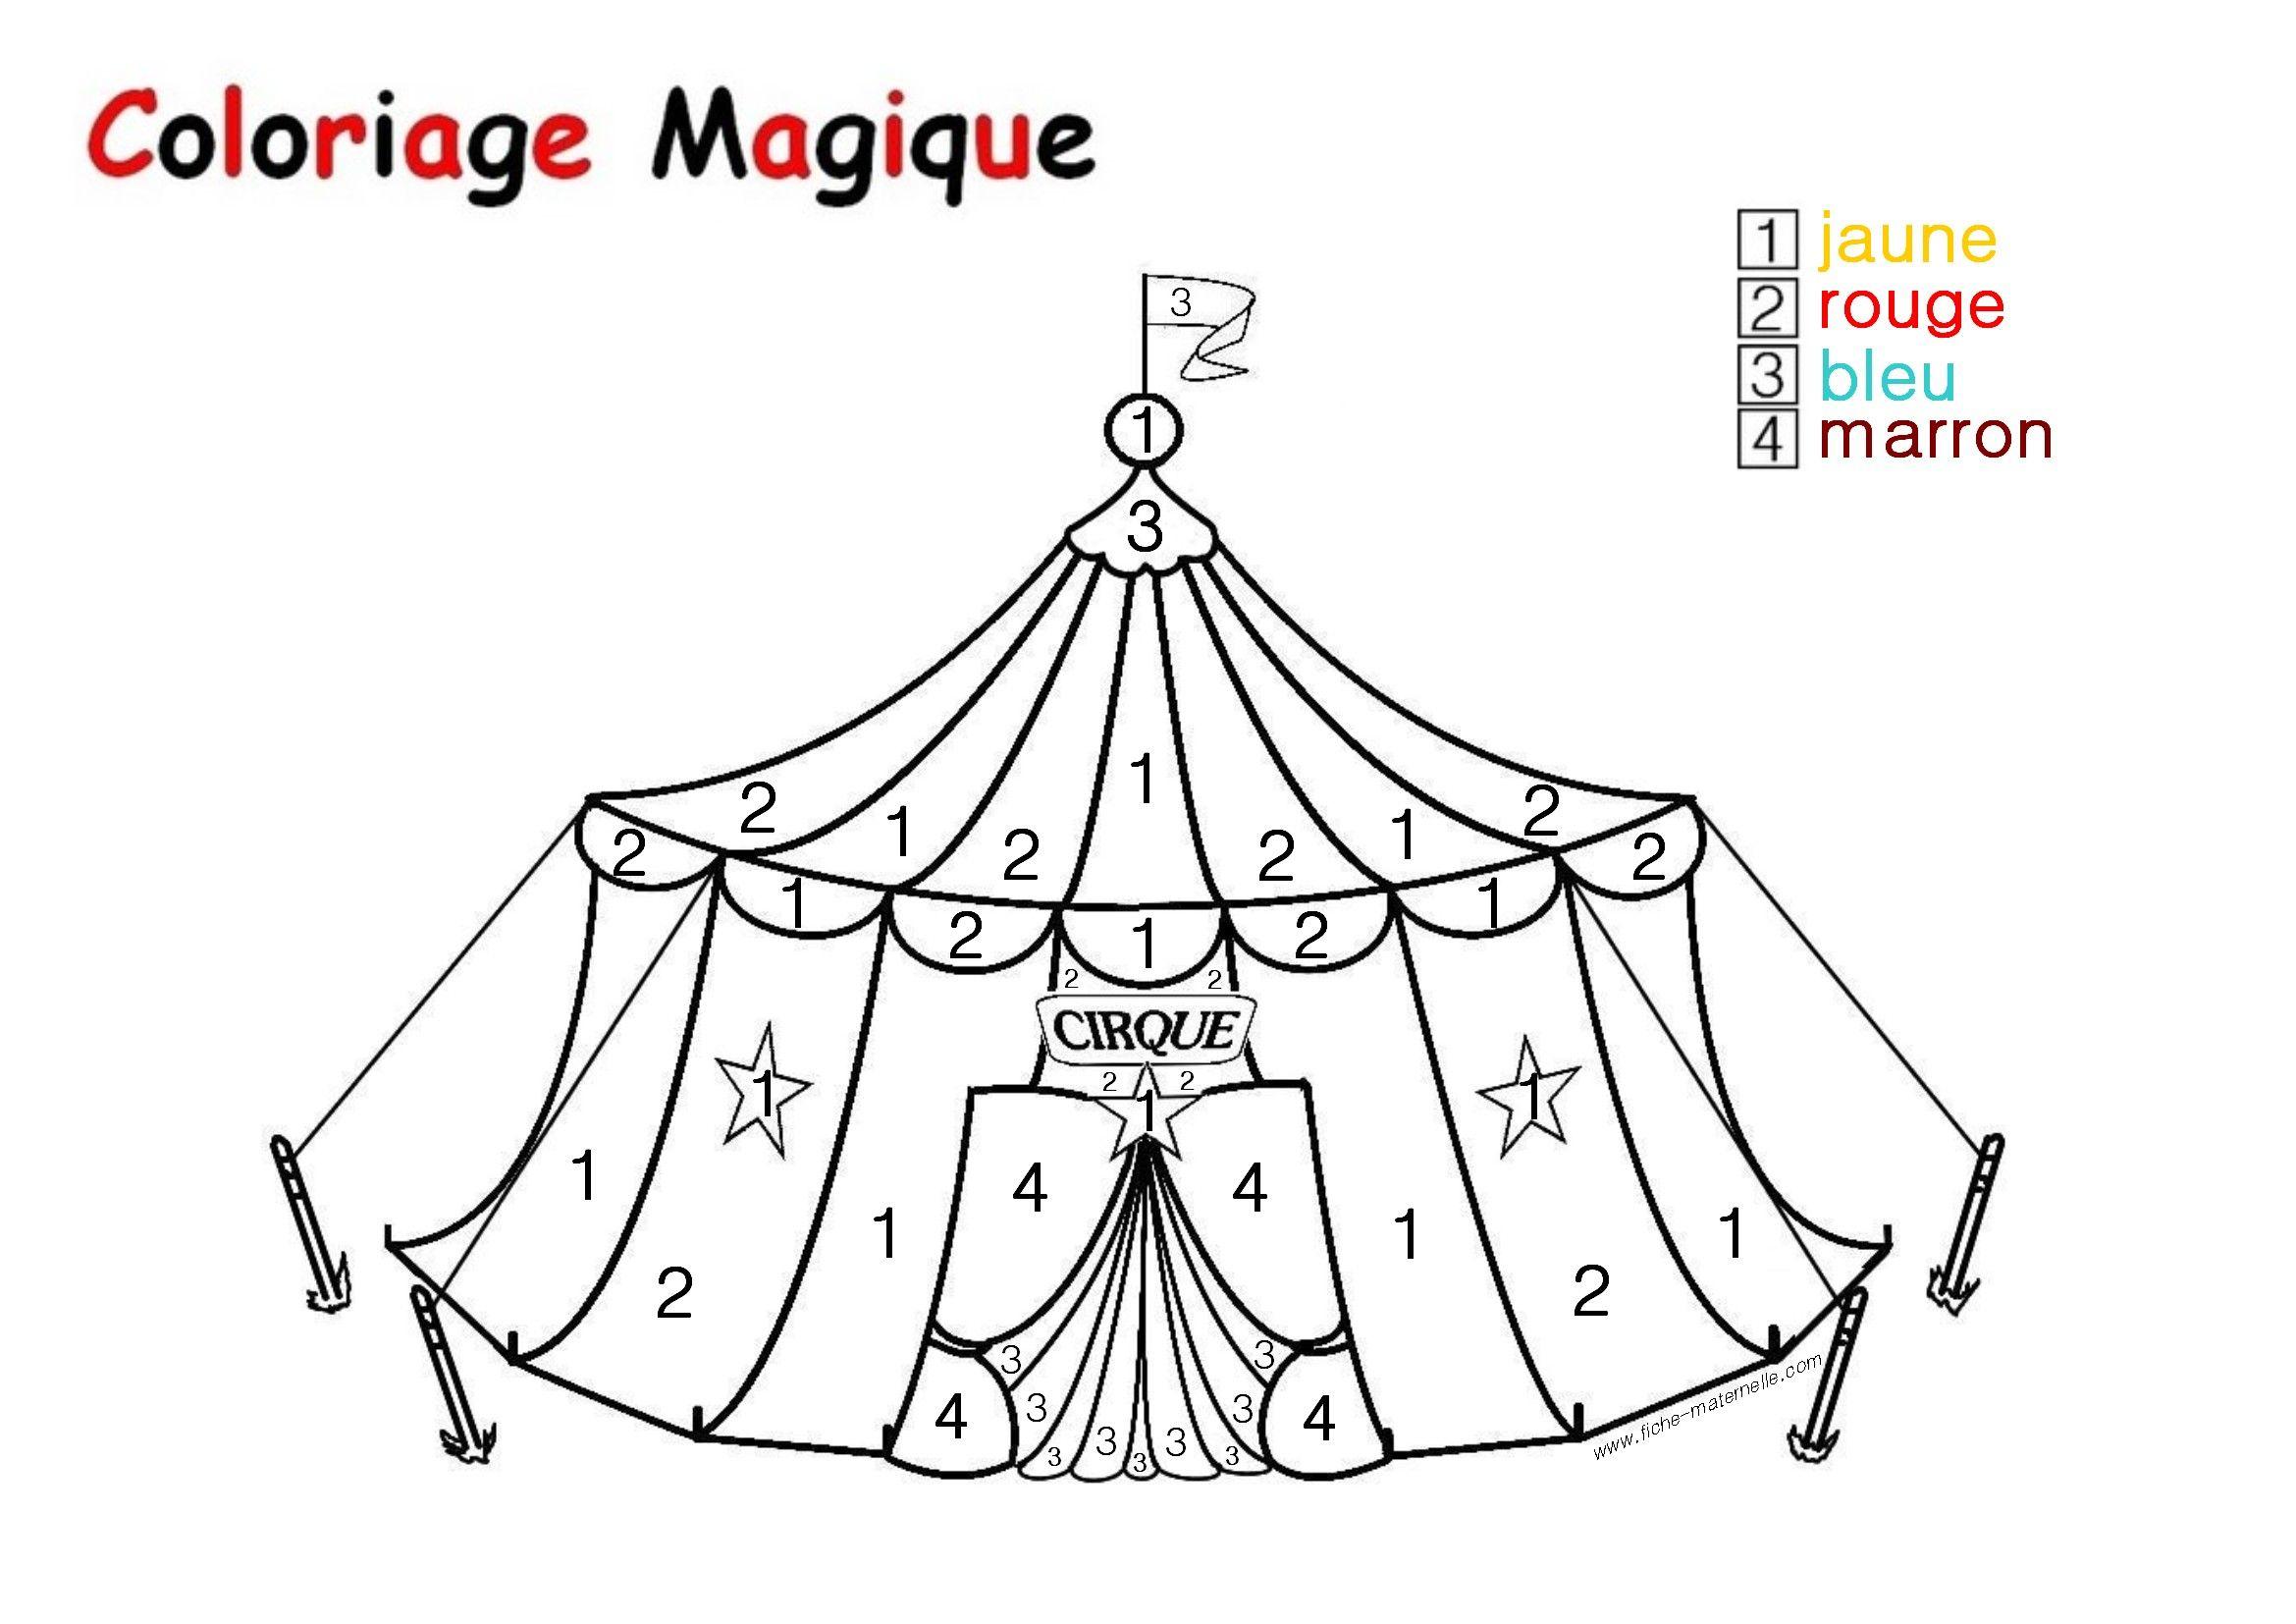 Coloriage Magique Pour Les Plus Petits : Un Chapiteau à Coloriage Magique Maternelle Moyenne Section